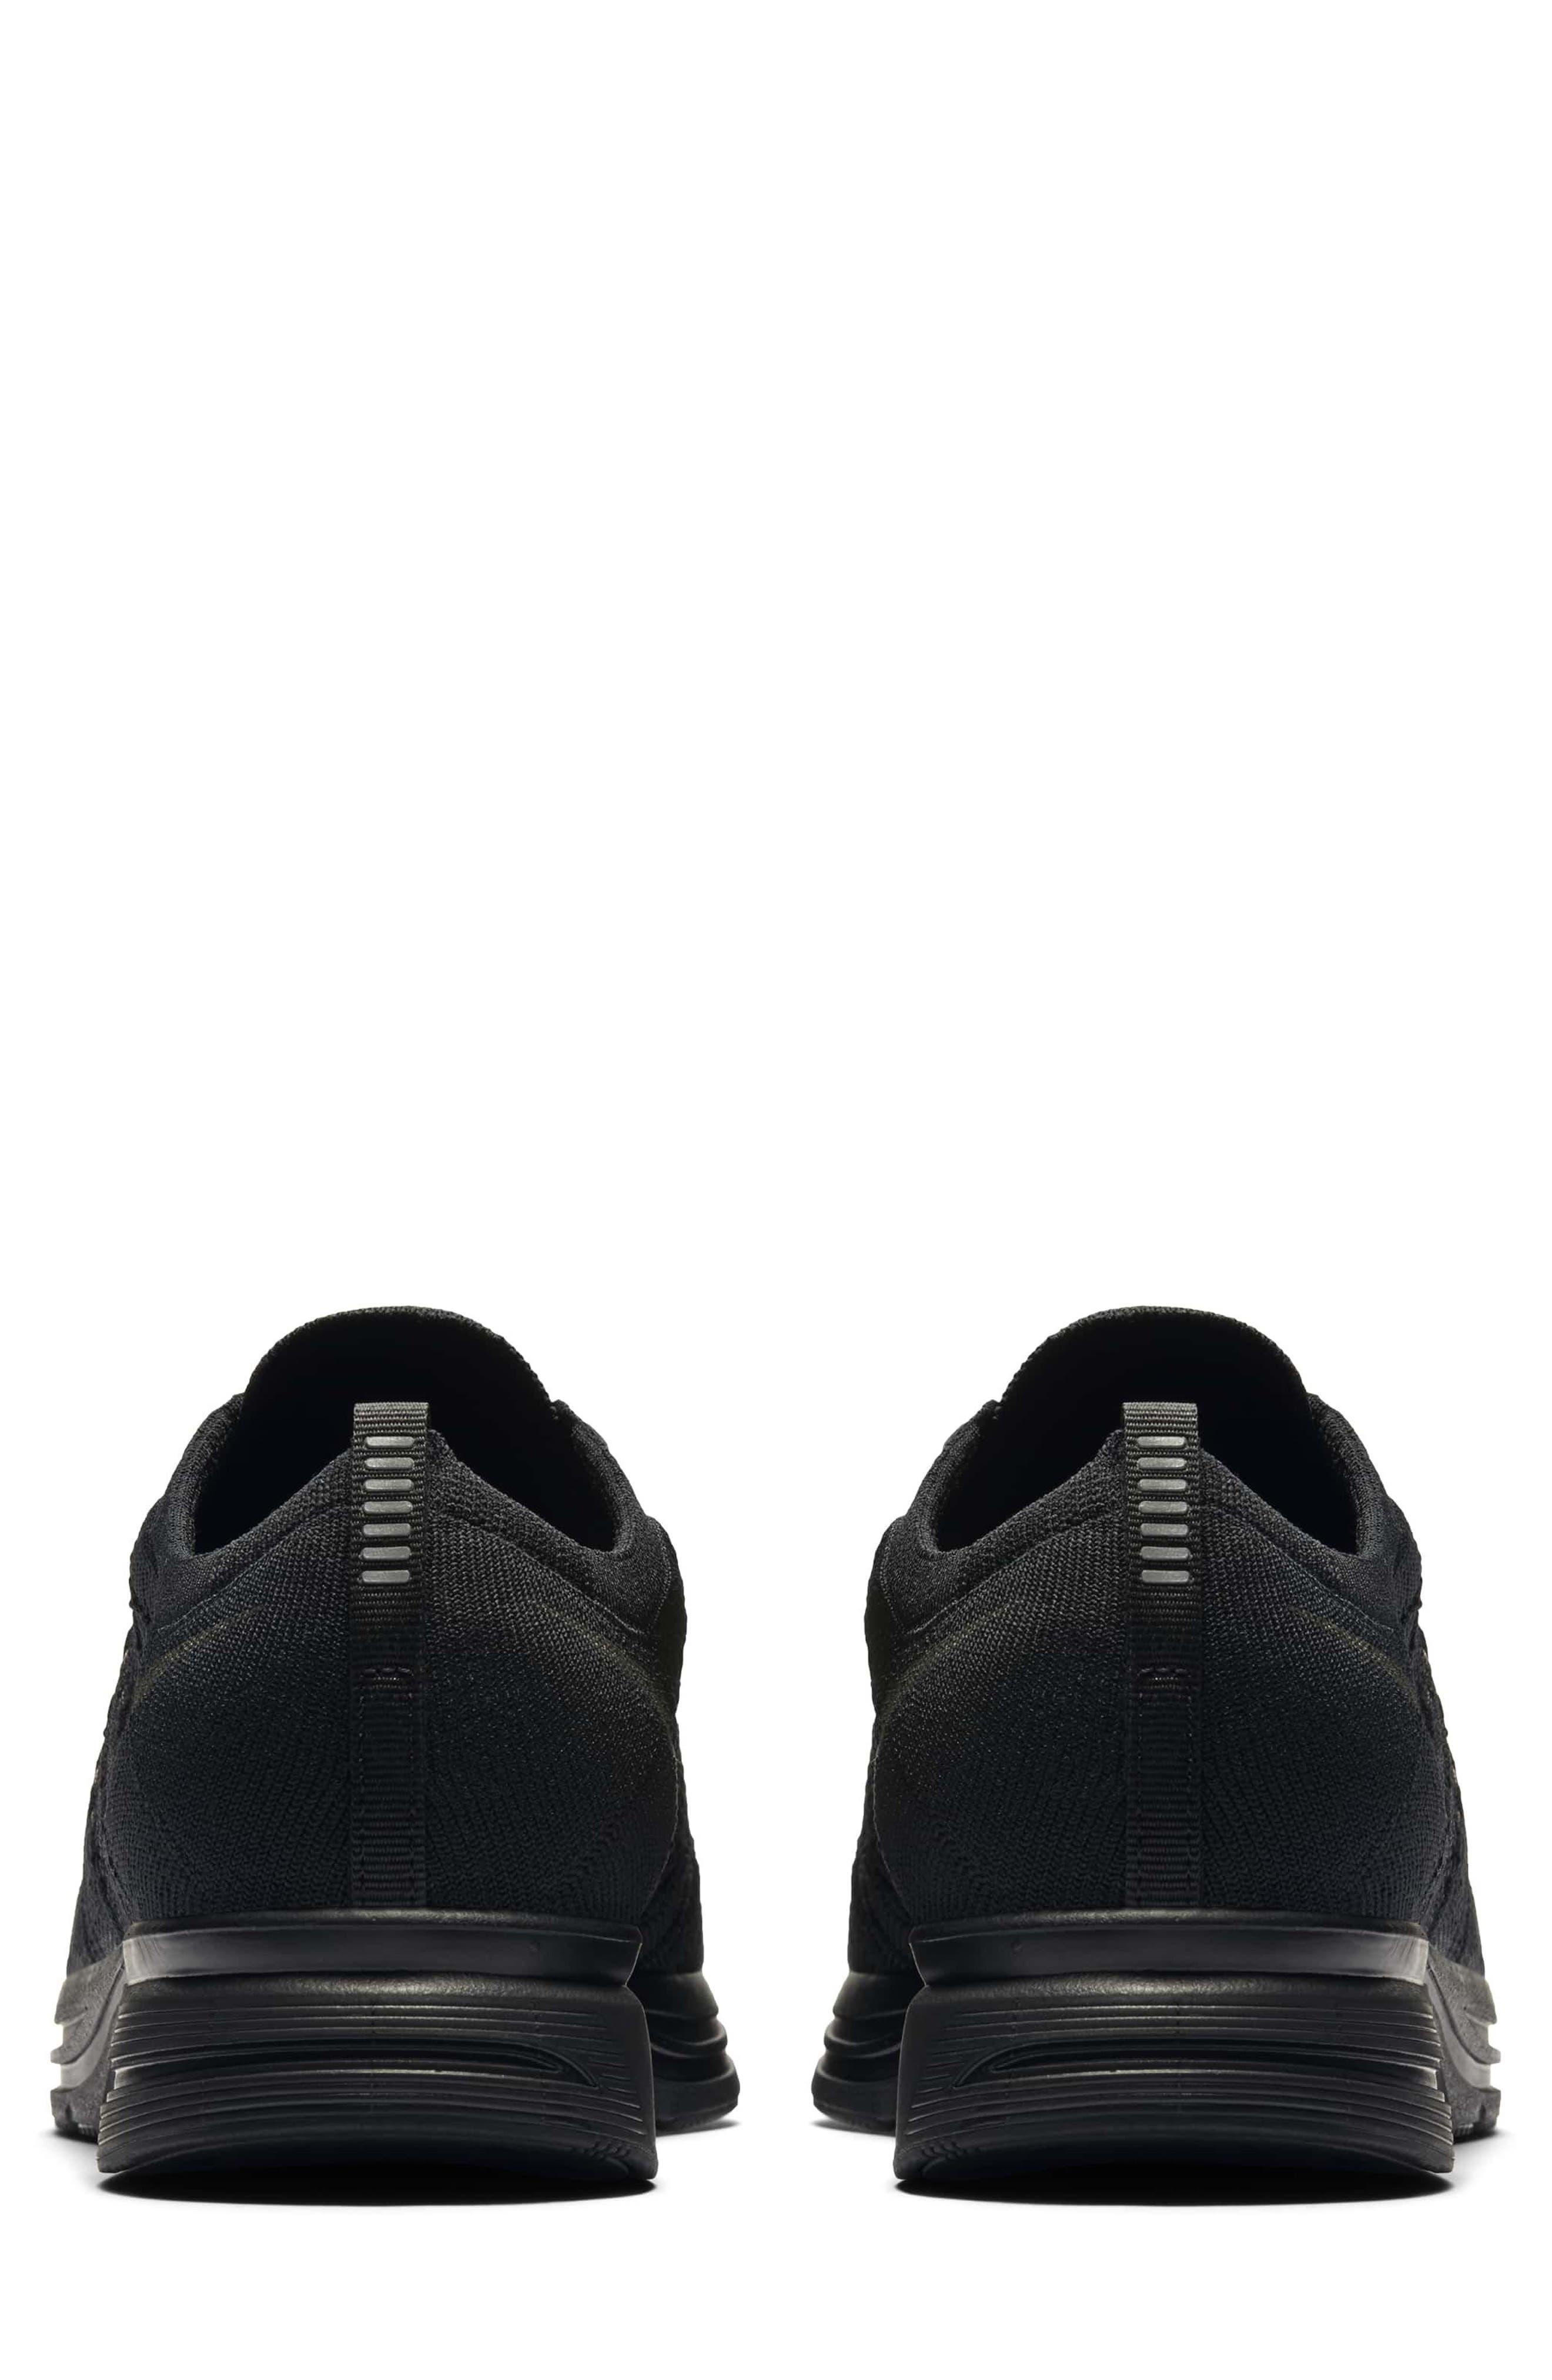 NIKE,                             Flyknit Trainer Sneaker,                             Alternate thumbnail 2, color,                             004